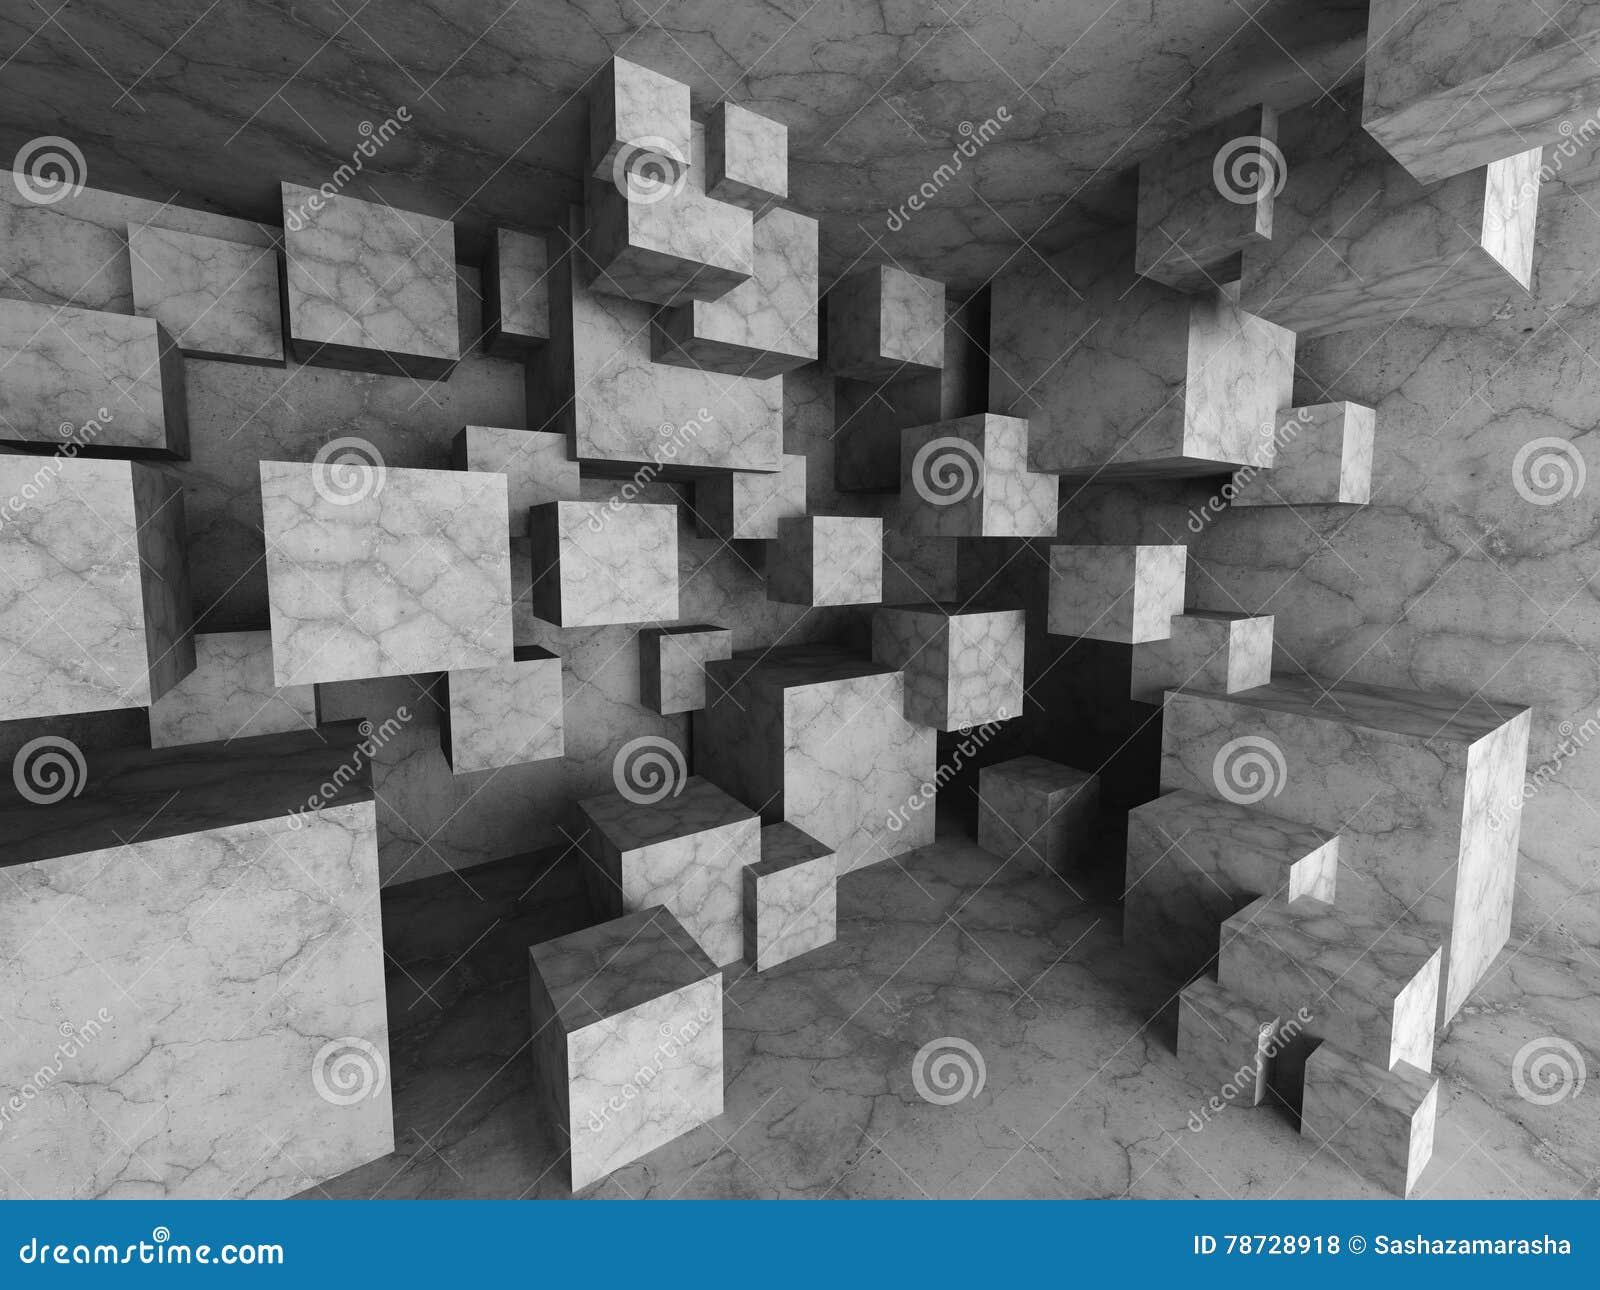 Kaotisk betong skära i tärningar arkitekturbakgrund